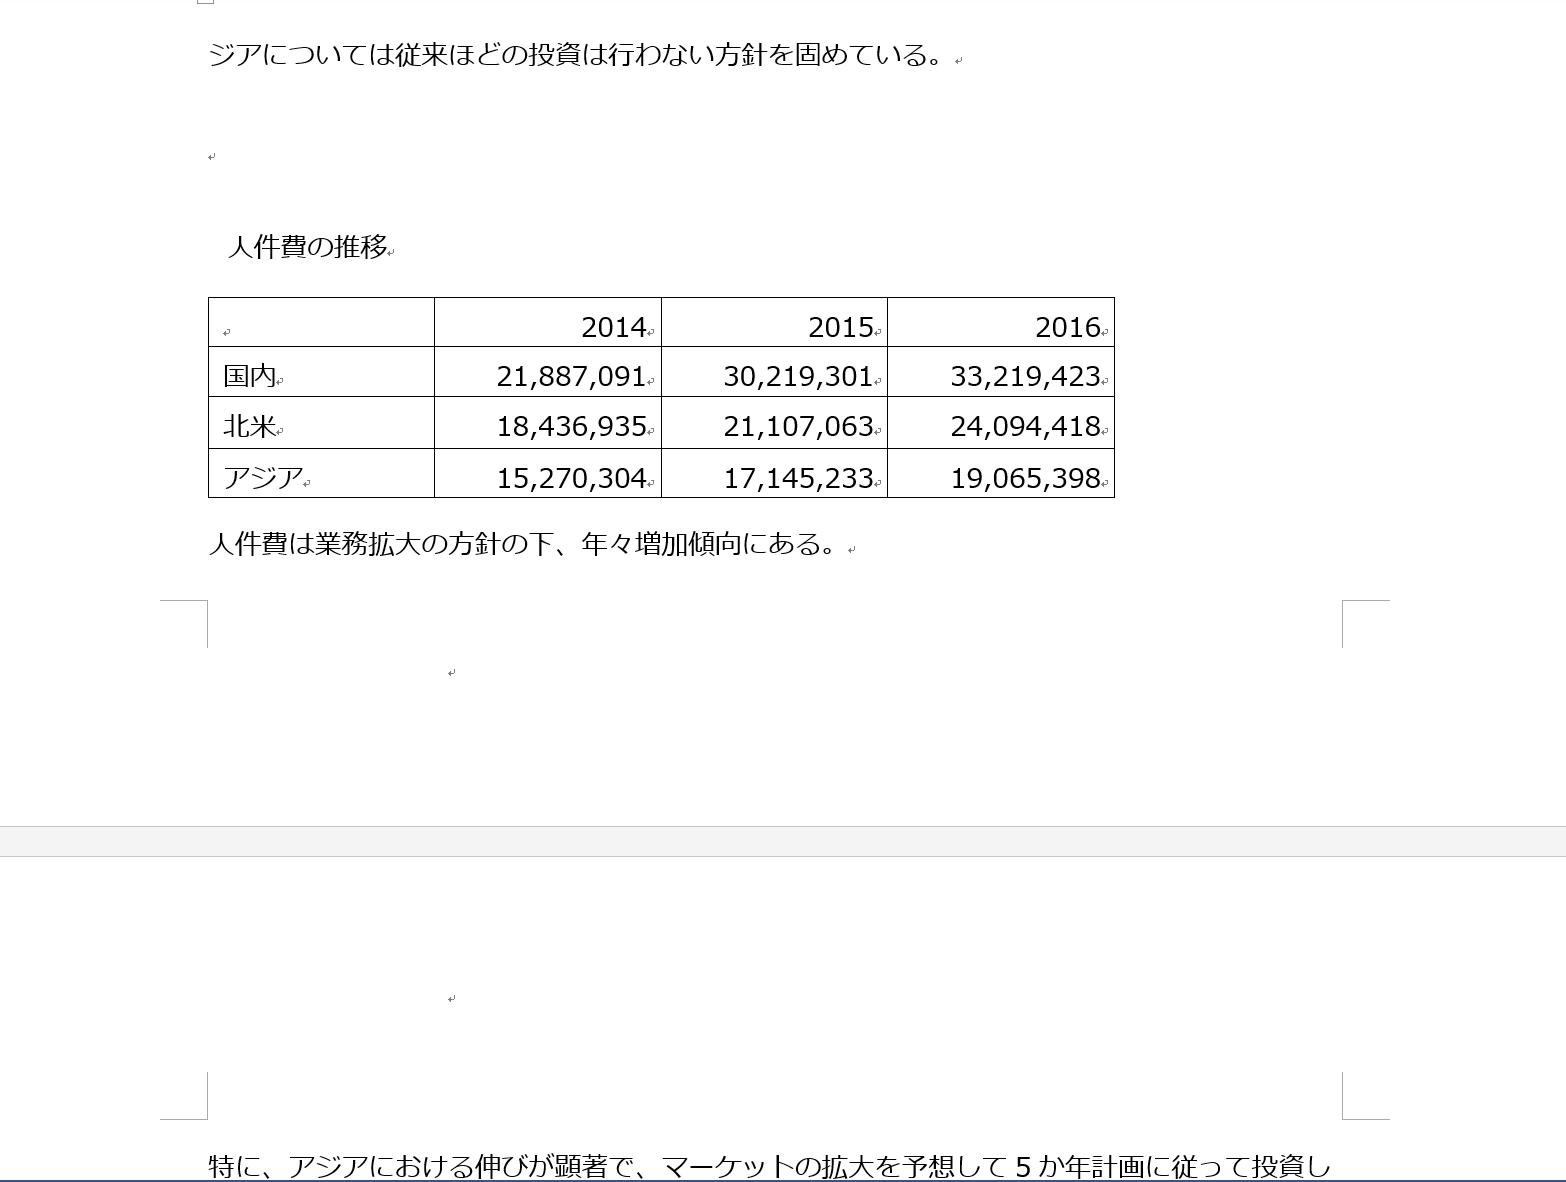 スクリーンショット 2016 07 08 0 48 00